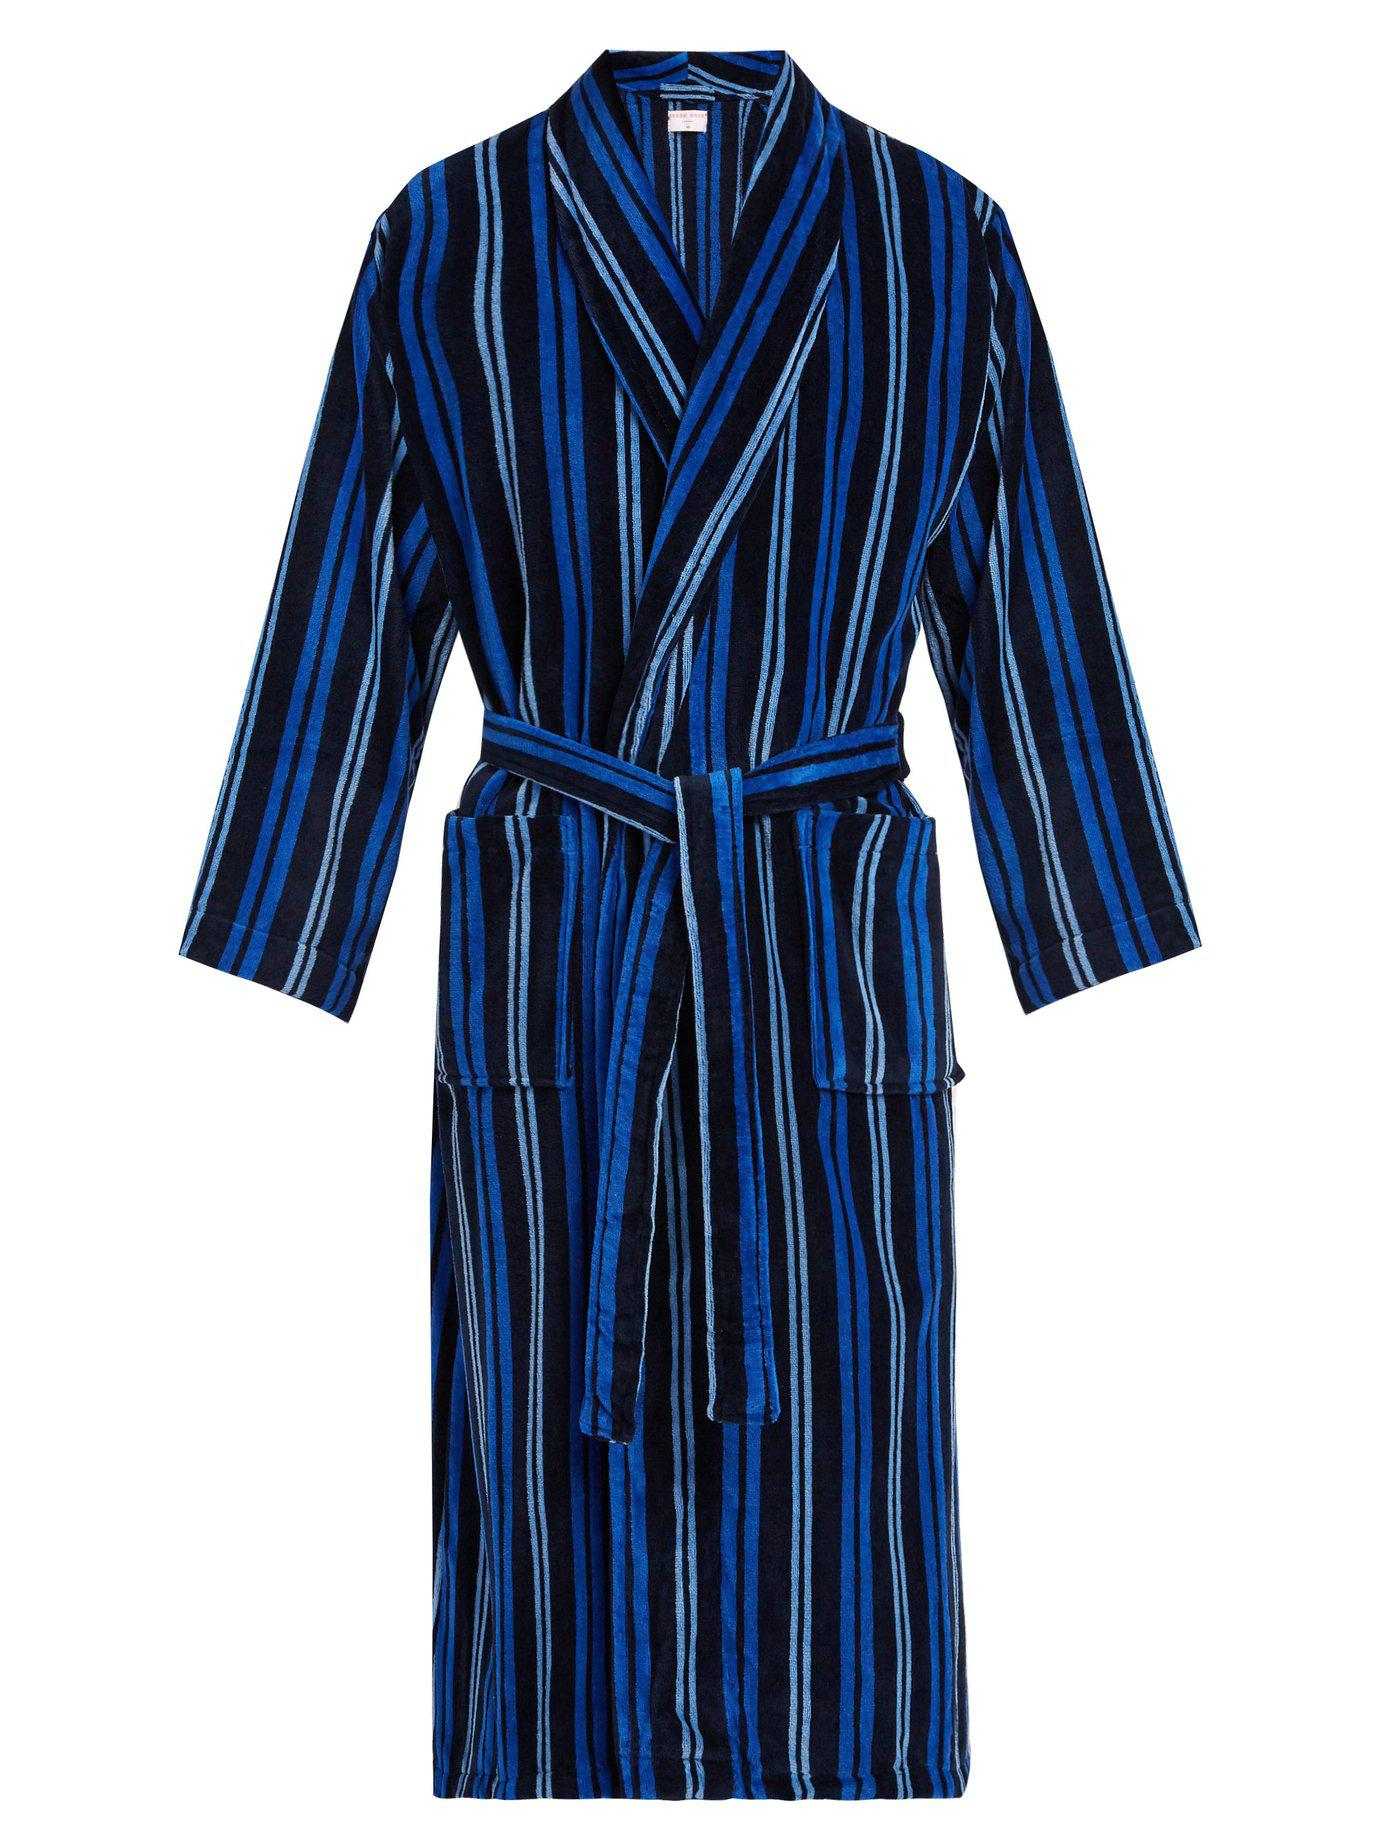 190d6371a3 Lyst - Derek Rose Aston Striped Cotton Robe in Blue for Men